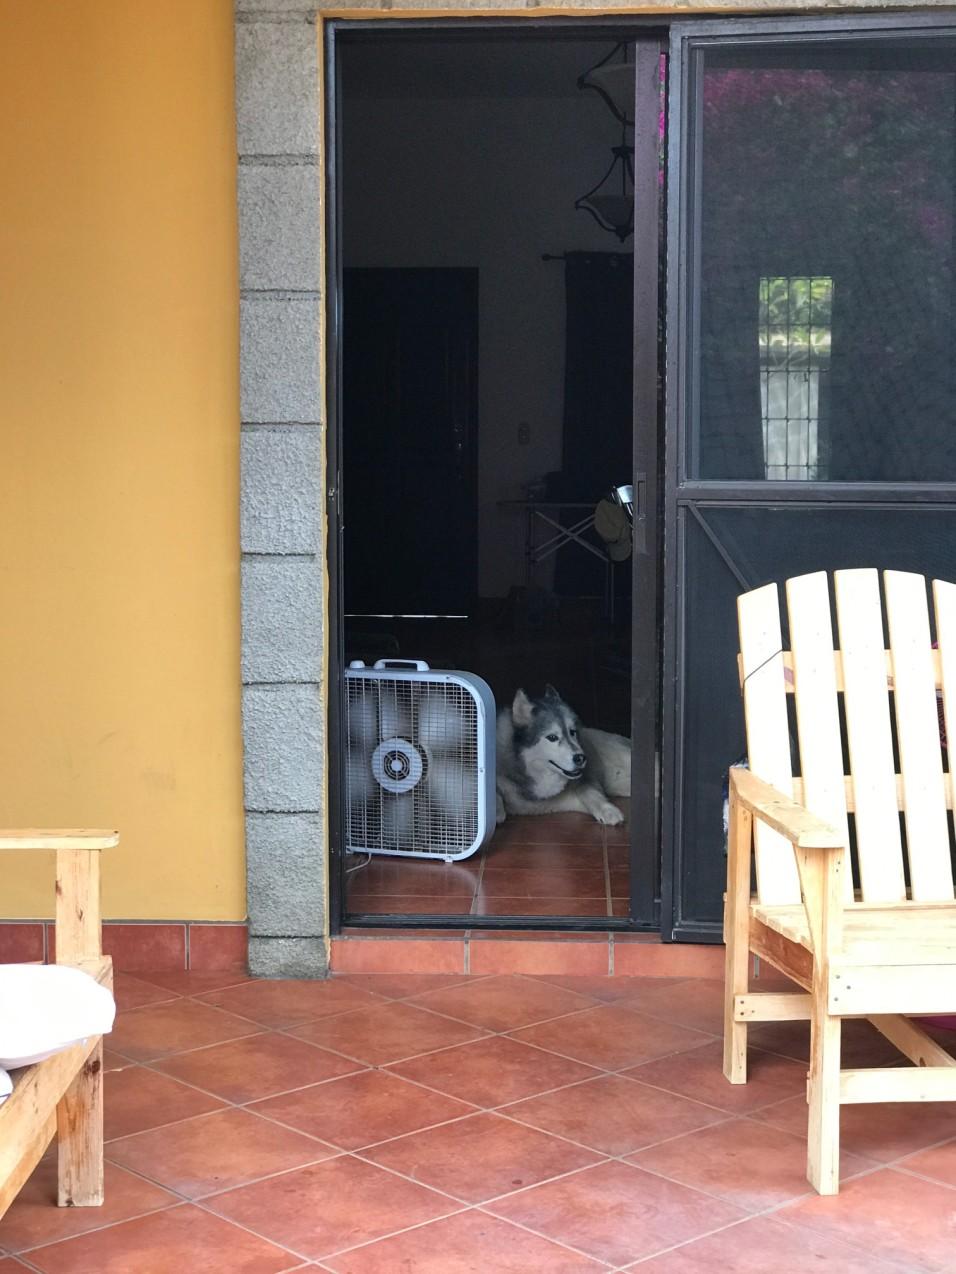 martin in the door.jpg